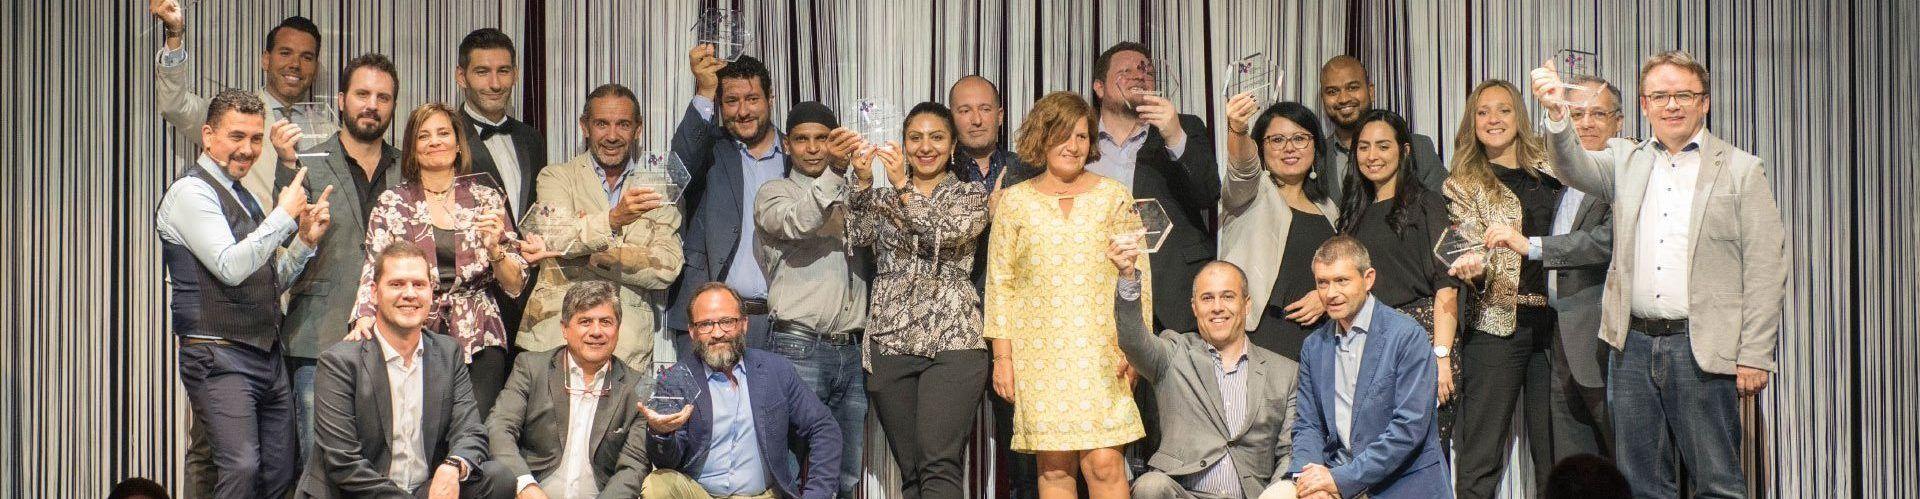 Awards-2019